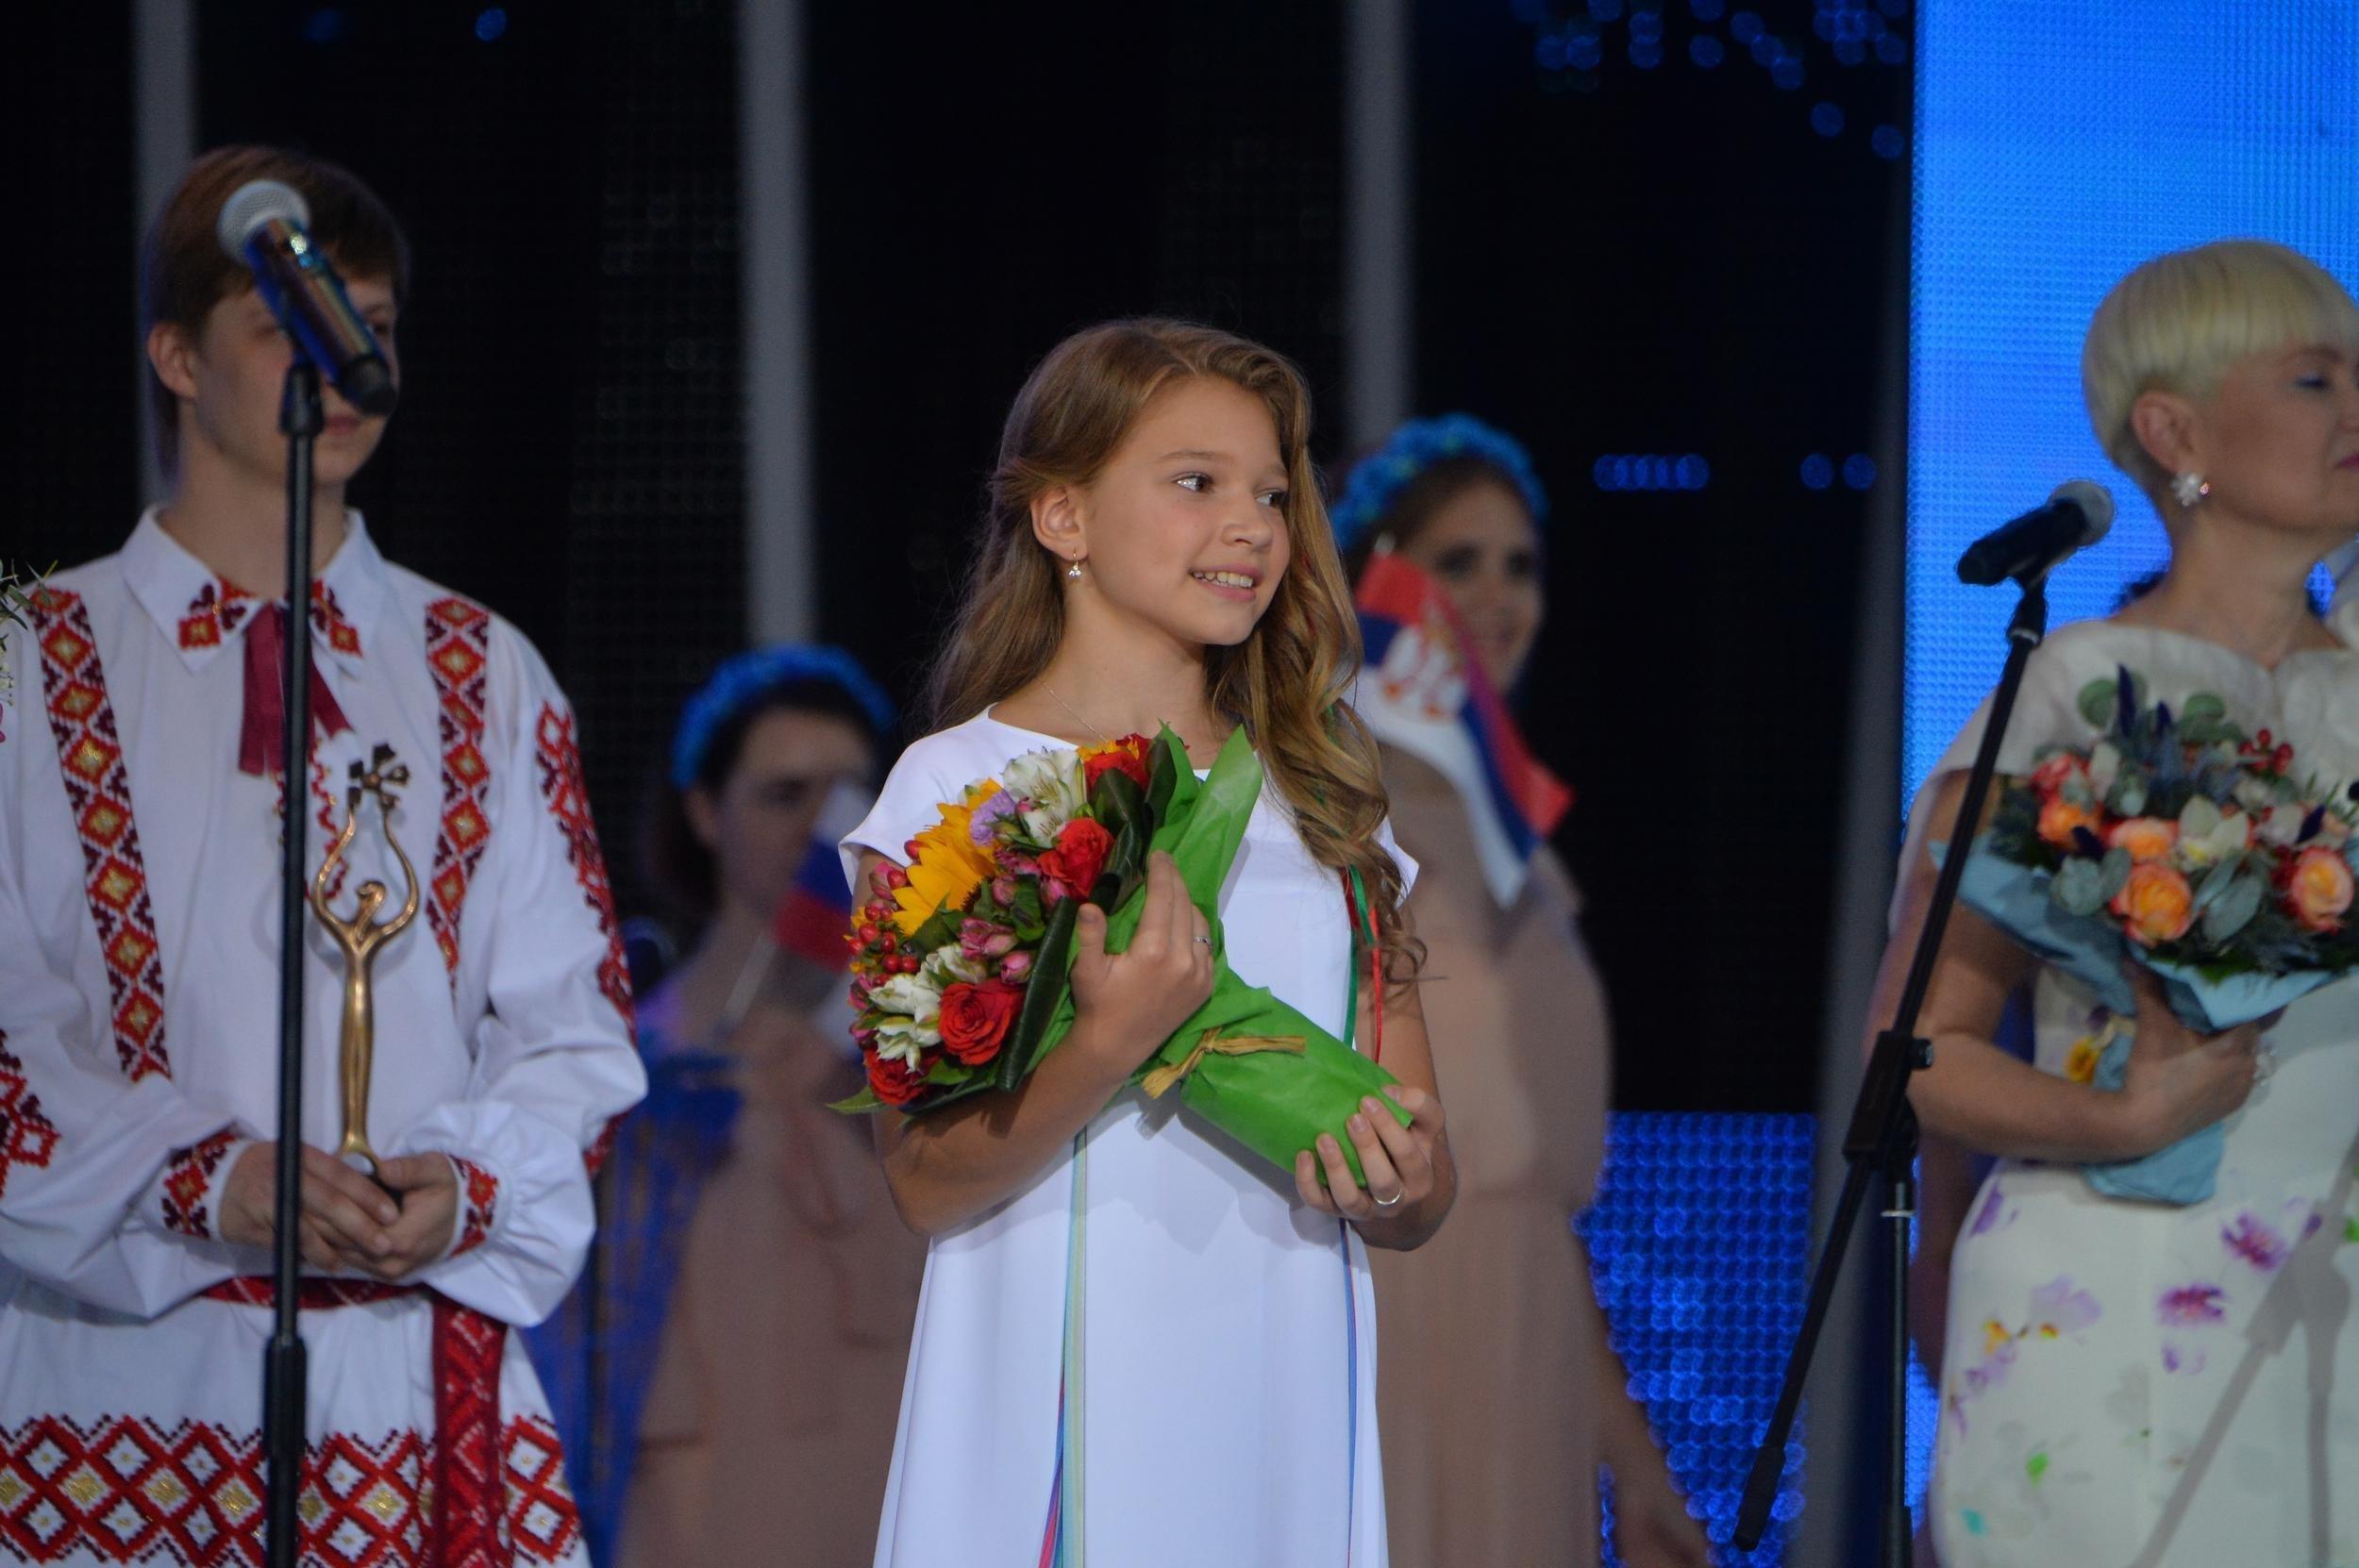 Обладательница Гран-при XV Международного детского музыкального конкурса Витебск-2017 Мария Магильная